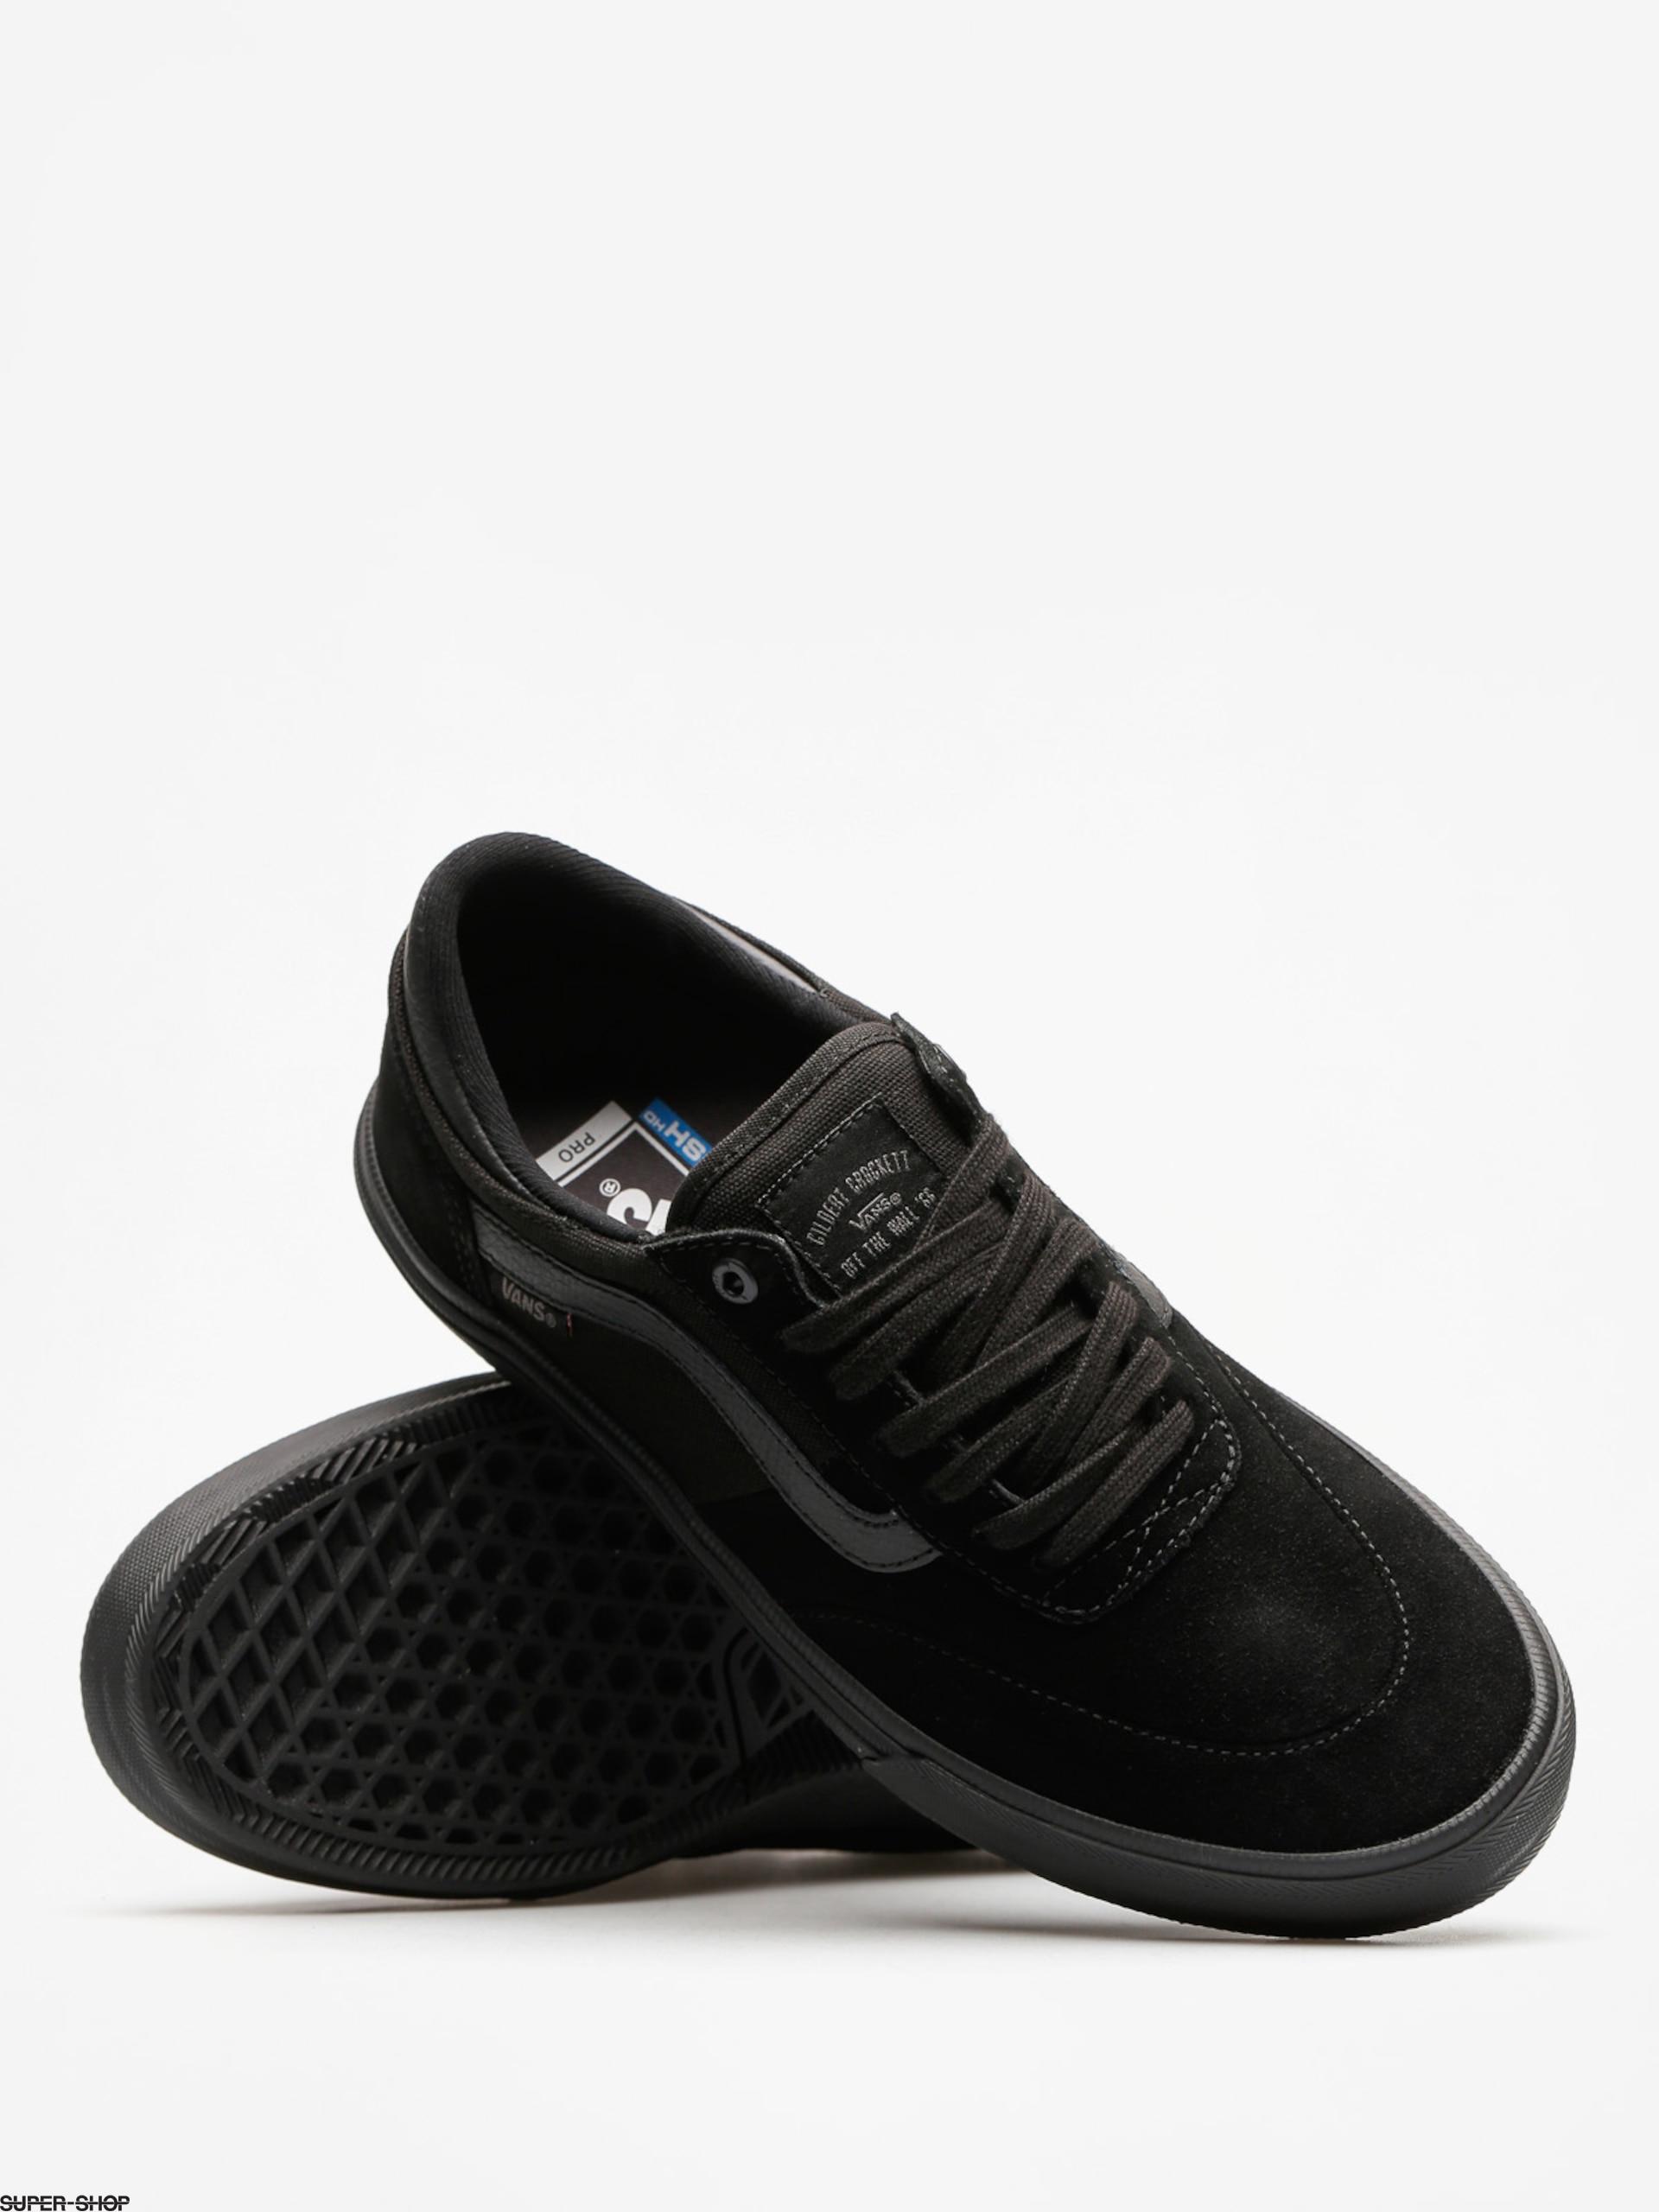 b85a7d3664 Vans Shoes Gilbert Crockett 2 Pro (suede blackout)